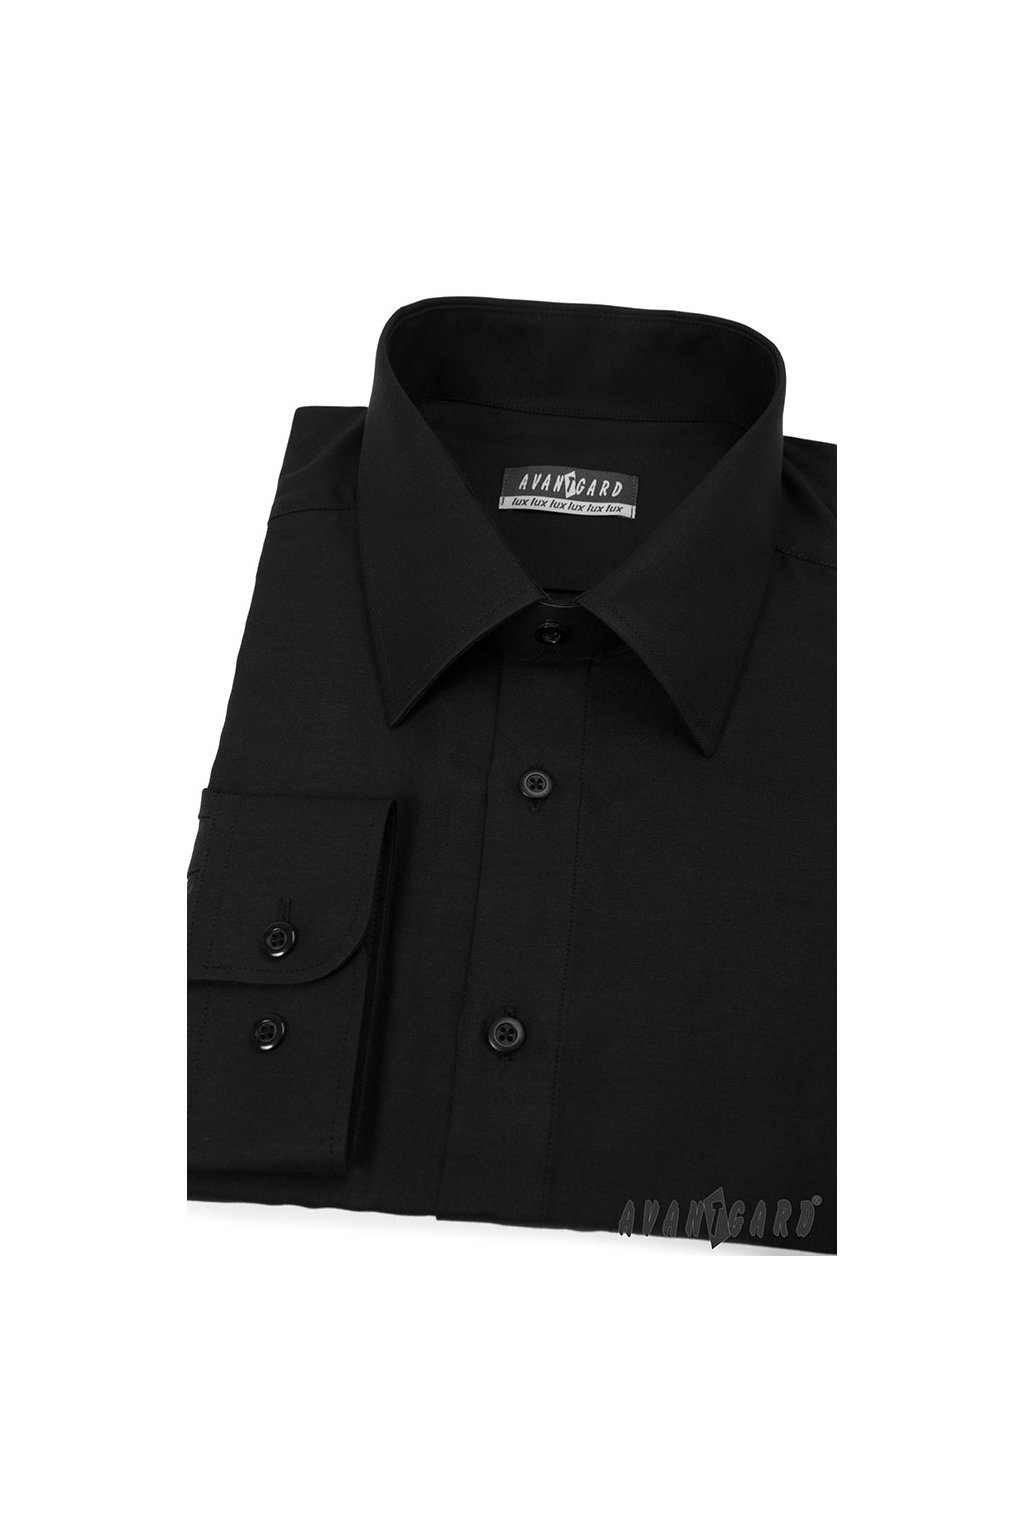 Pánská košile černá 511 - 23